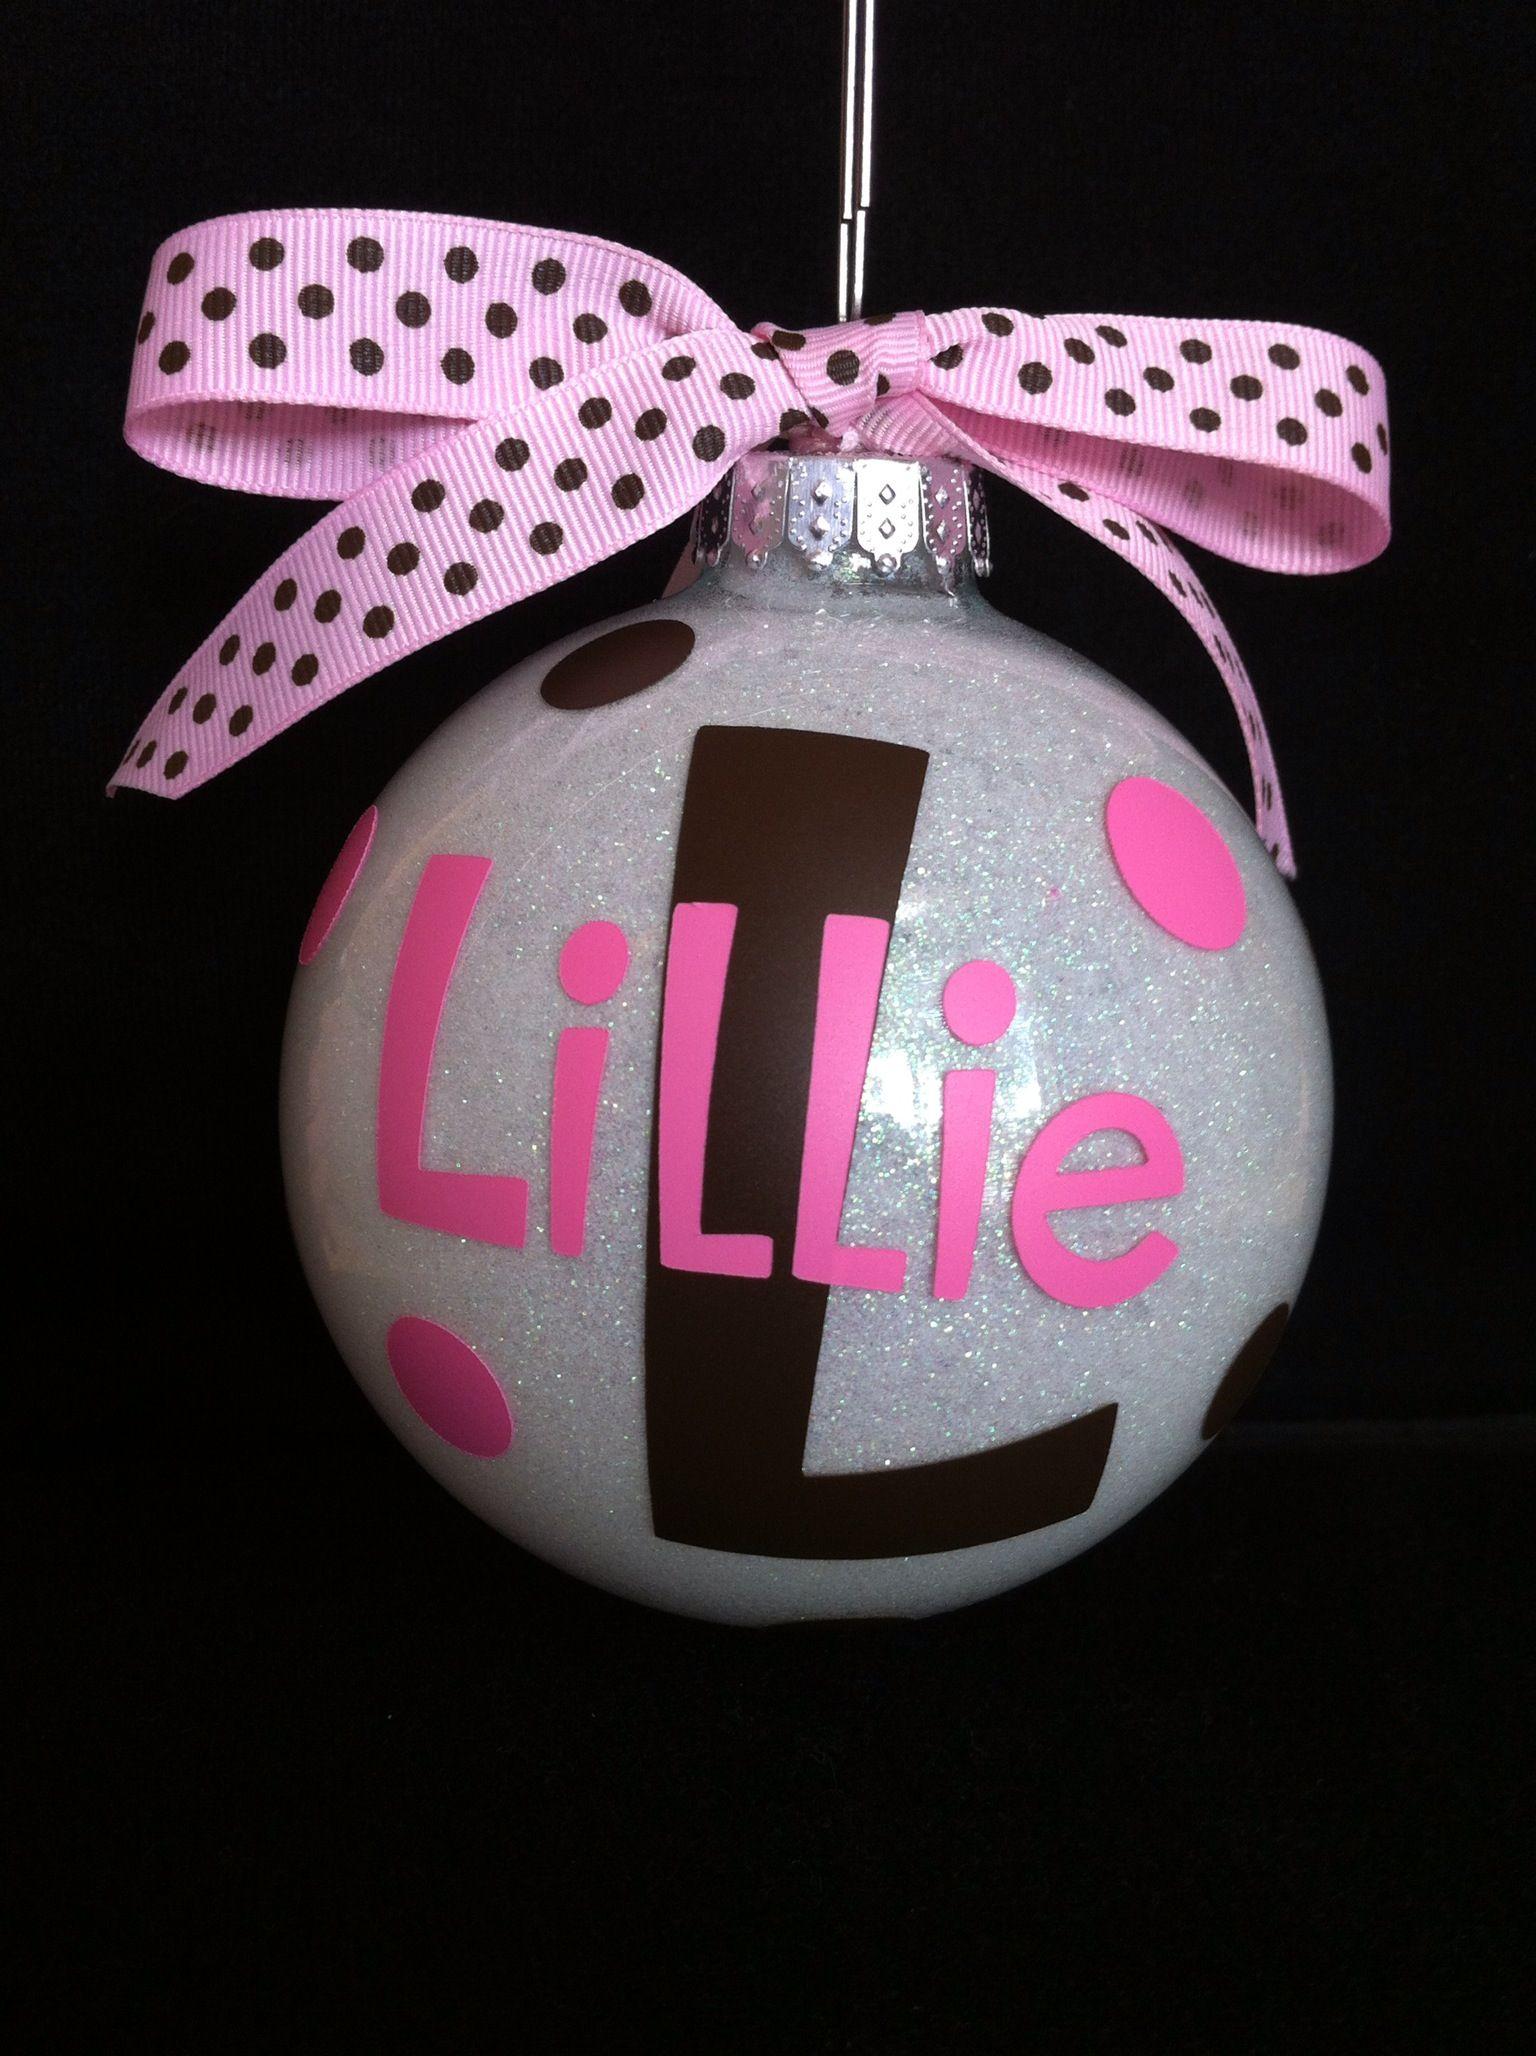 Handmade glitter and vinyl Christmas ornament. Got the